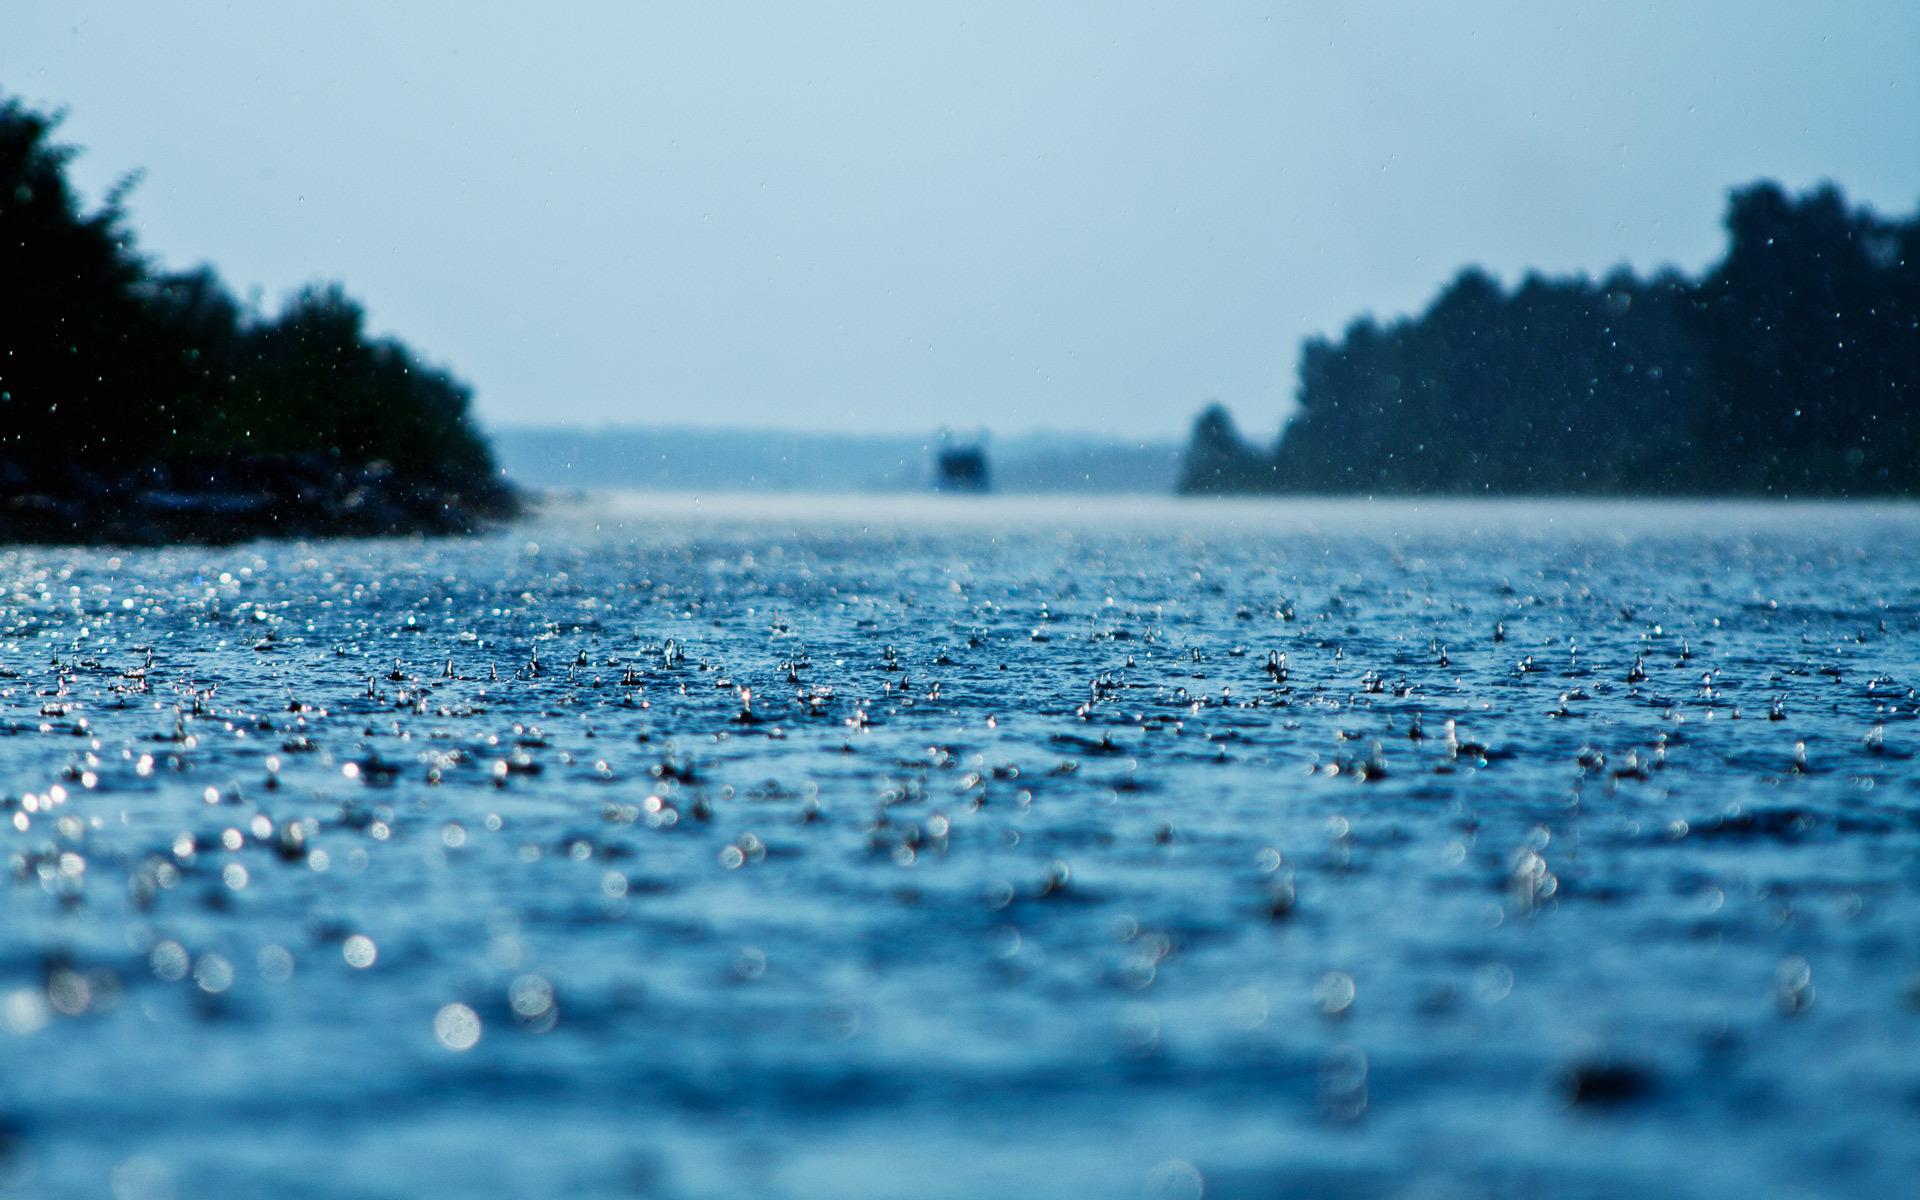 summer rain hd desktop wallpaper : high definition : fullscreen